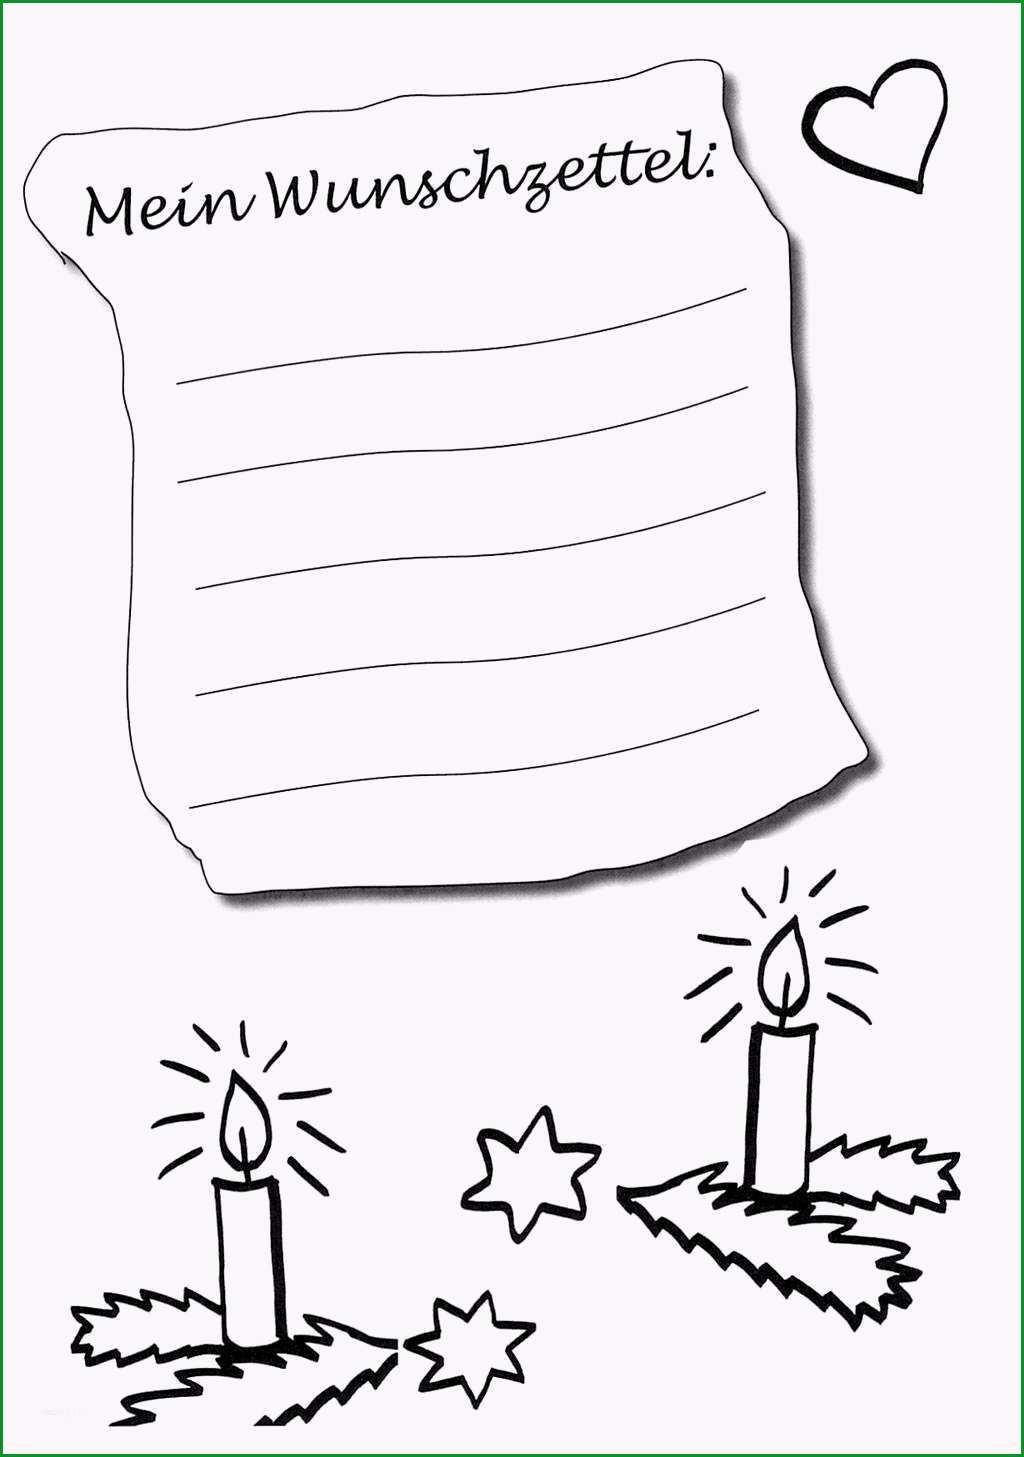 wunschzettel weihnachten vorlage cool kostenlose malvorlage wunschzettel fur weihnachten